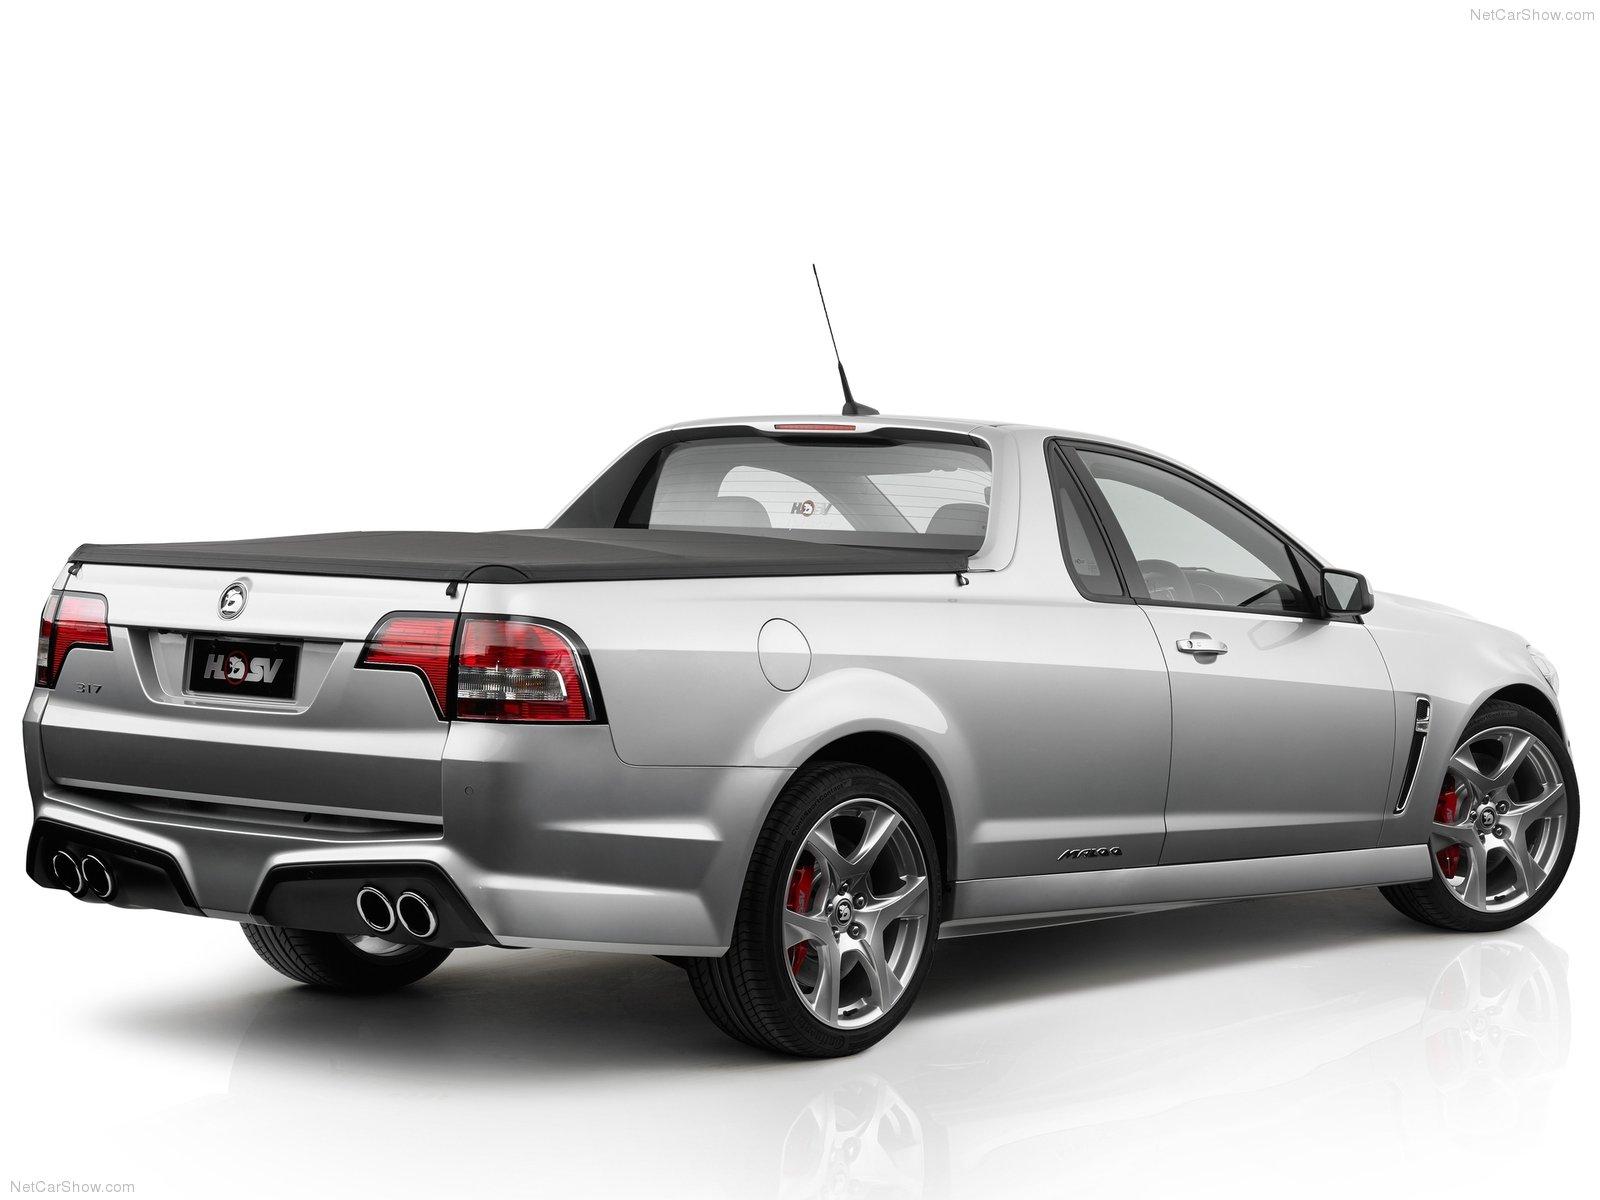 Hình ảnh xe ô tô HSV Gen-F Maloo 2014 & nội ngoại thất